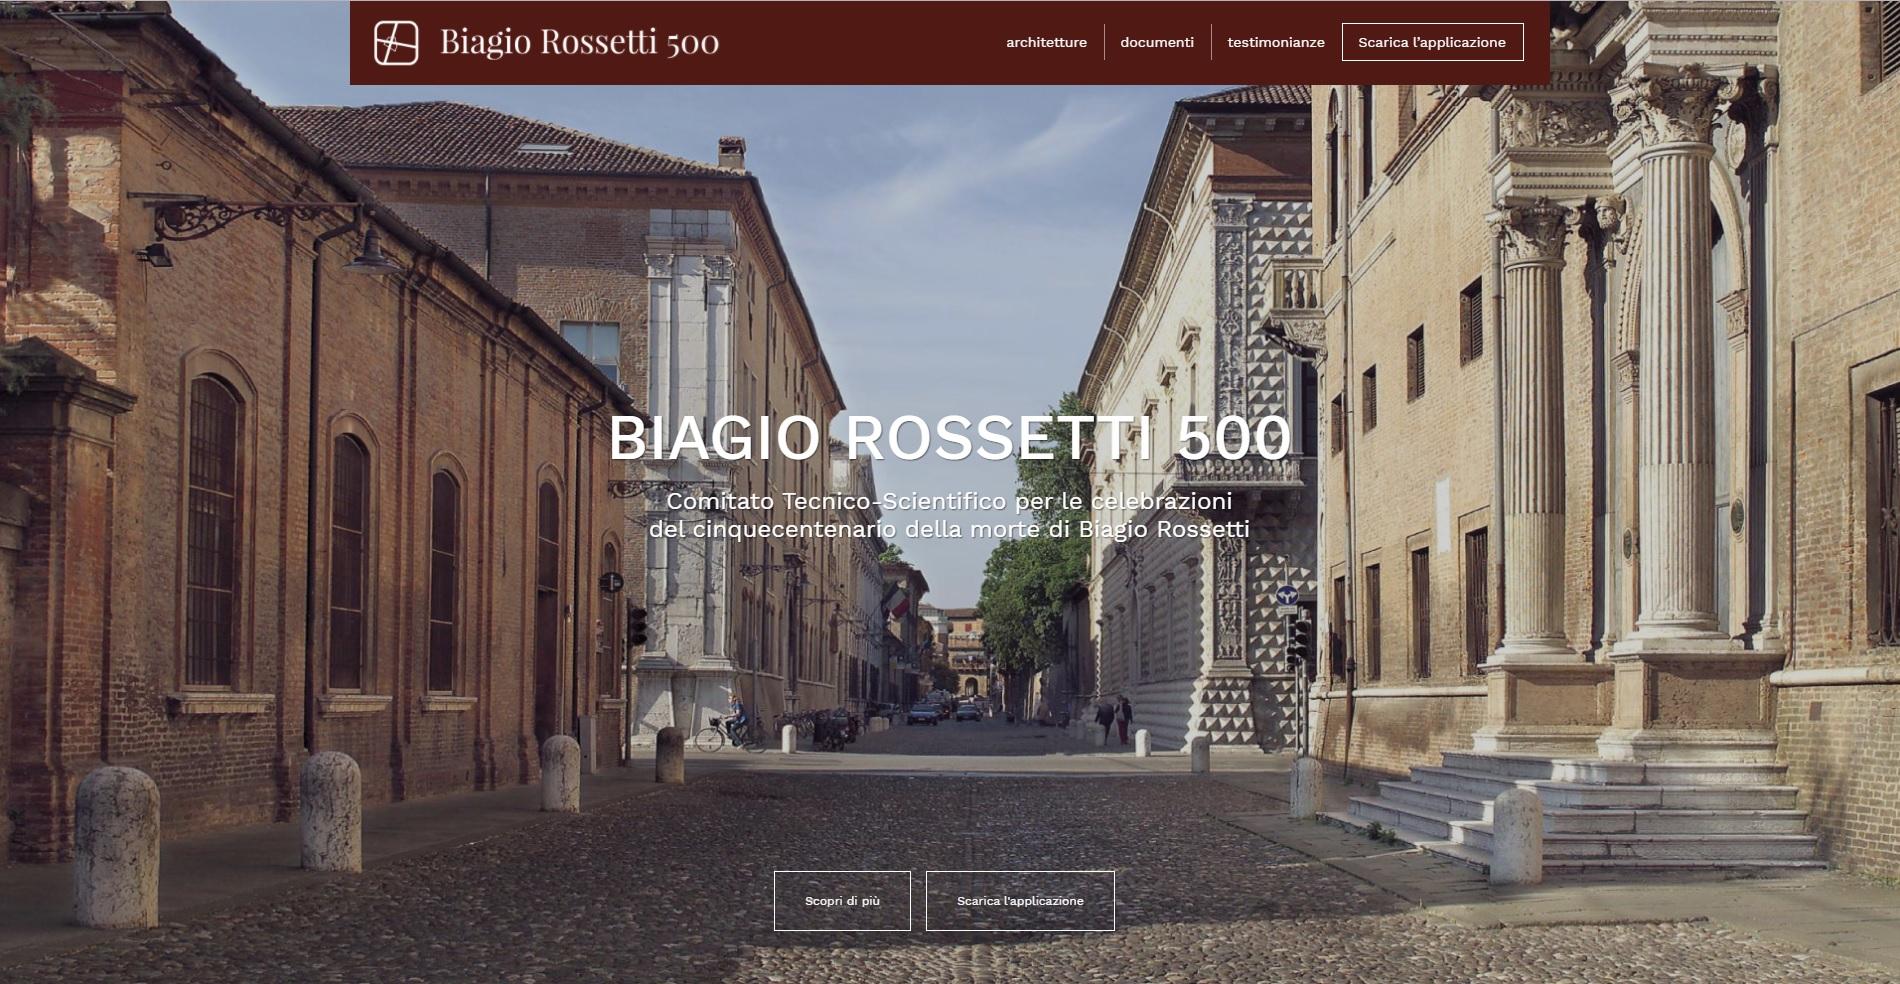 Biagio Rossetti 500